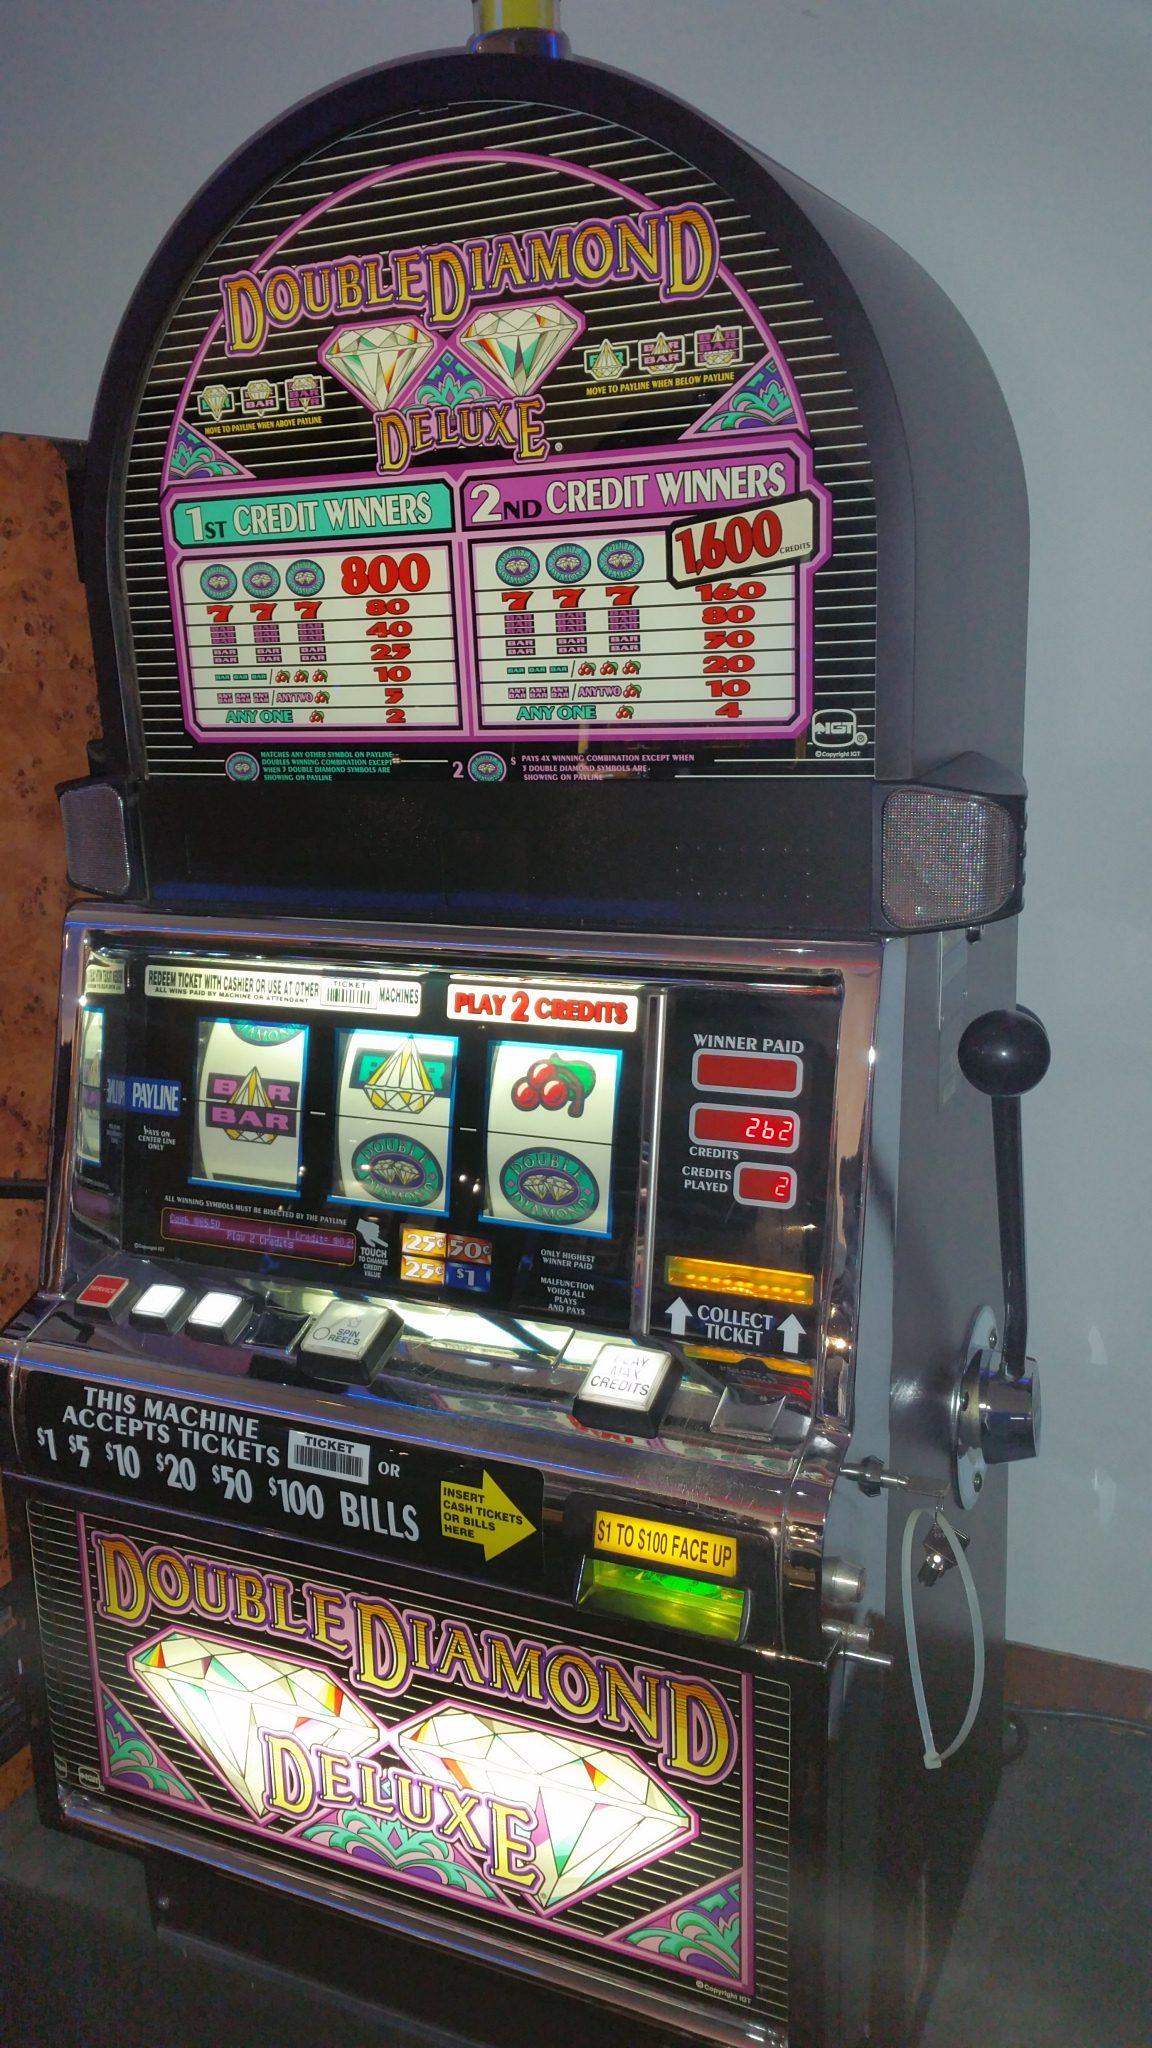 IGT S2000 Double Diamond Deluxe Slot Machine